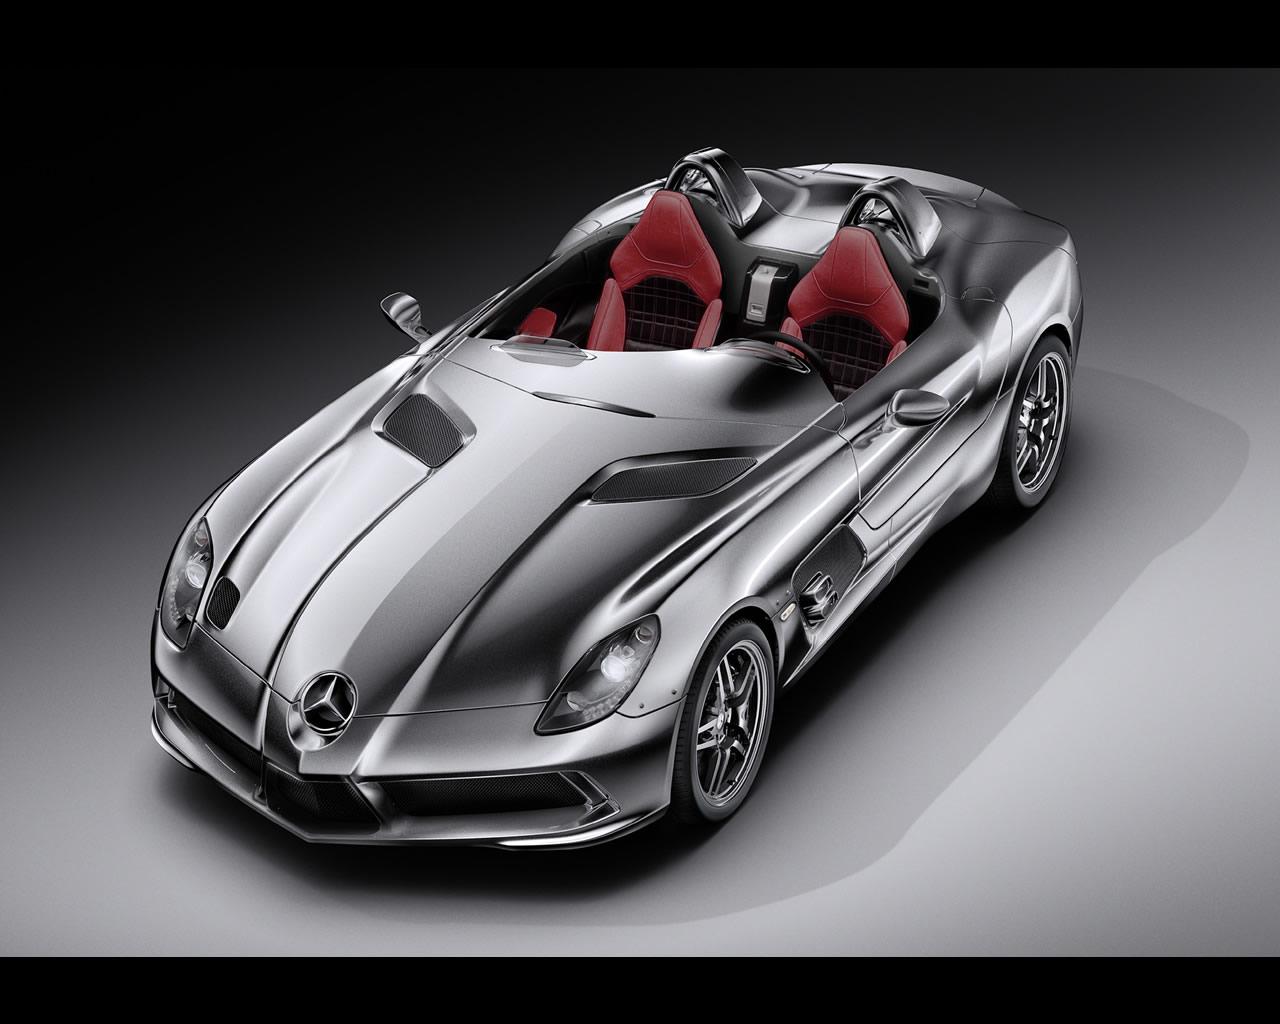 Mercedes benz mclaren slr stirling moss 2009 for 2009 mercedes benz slr mclaren